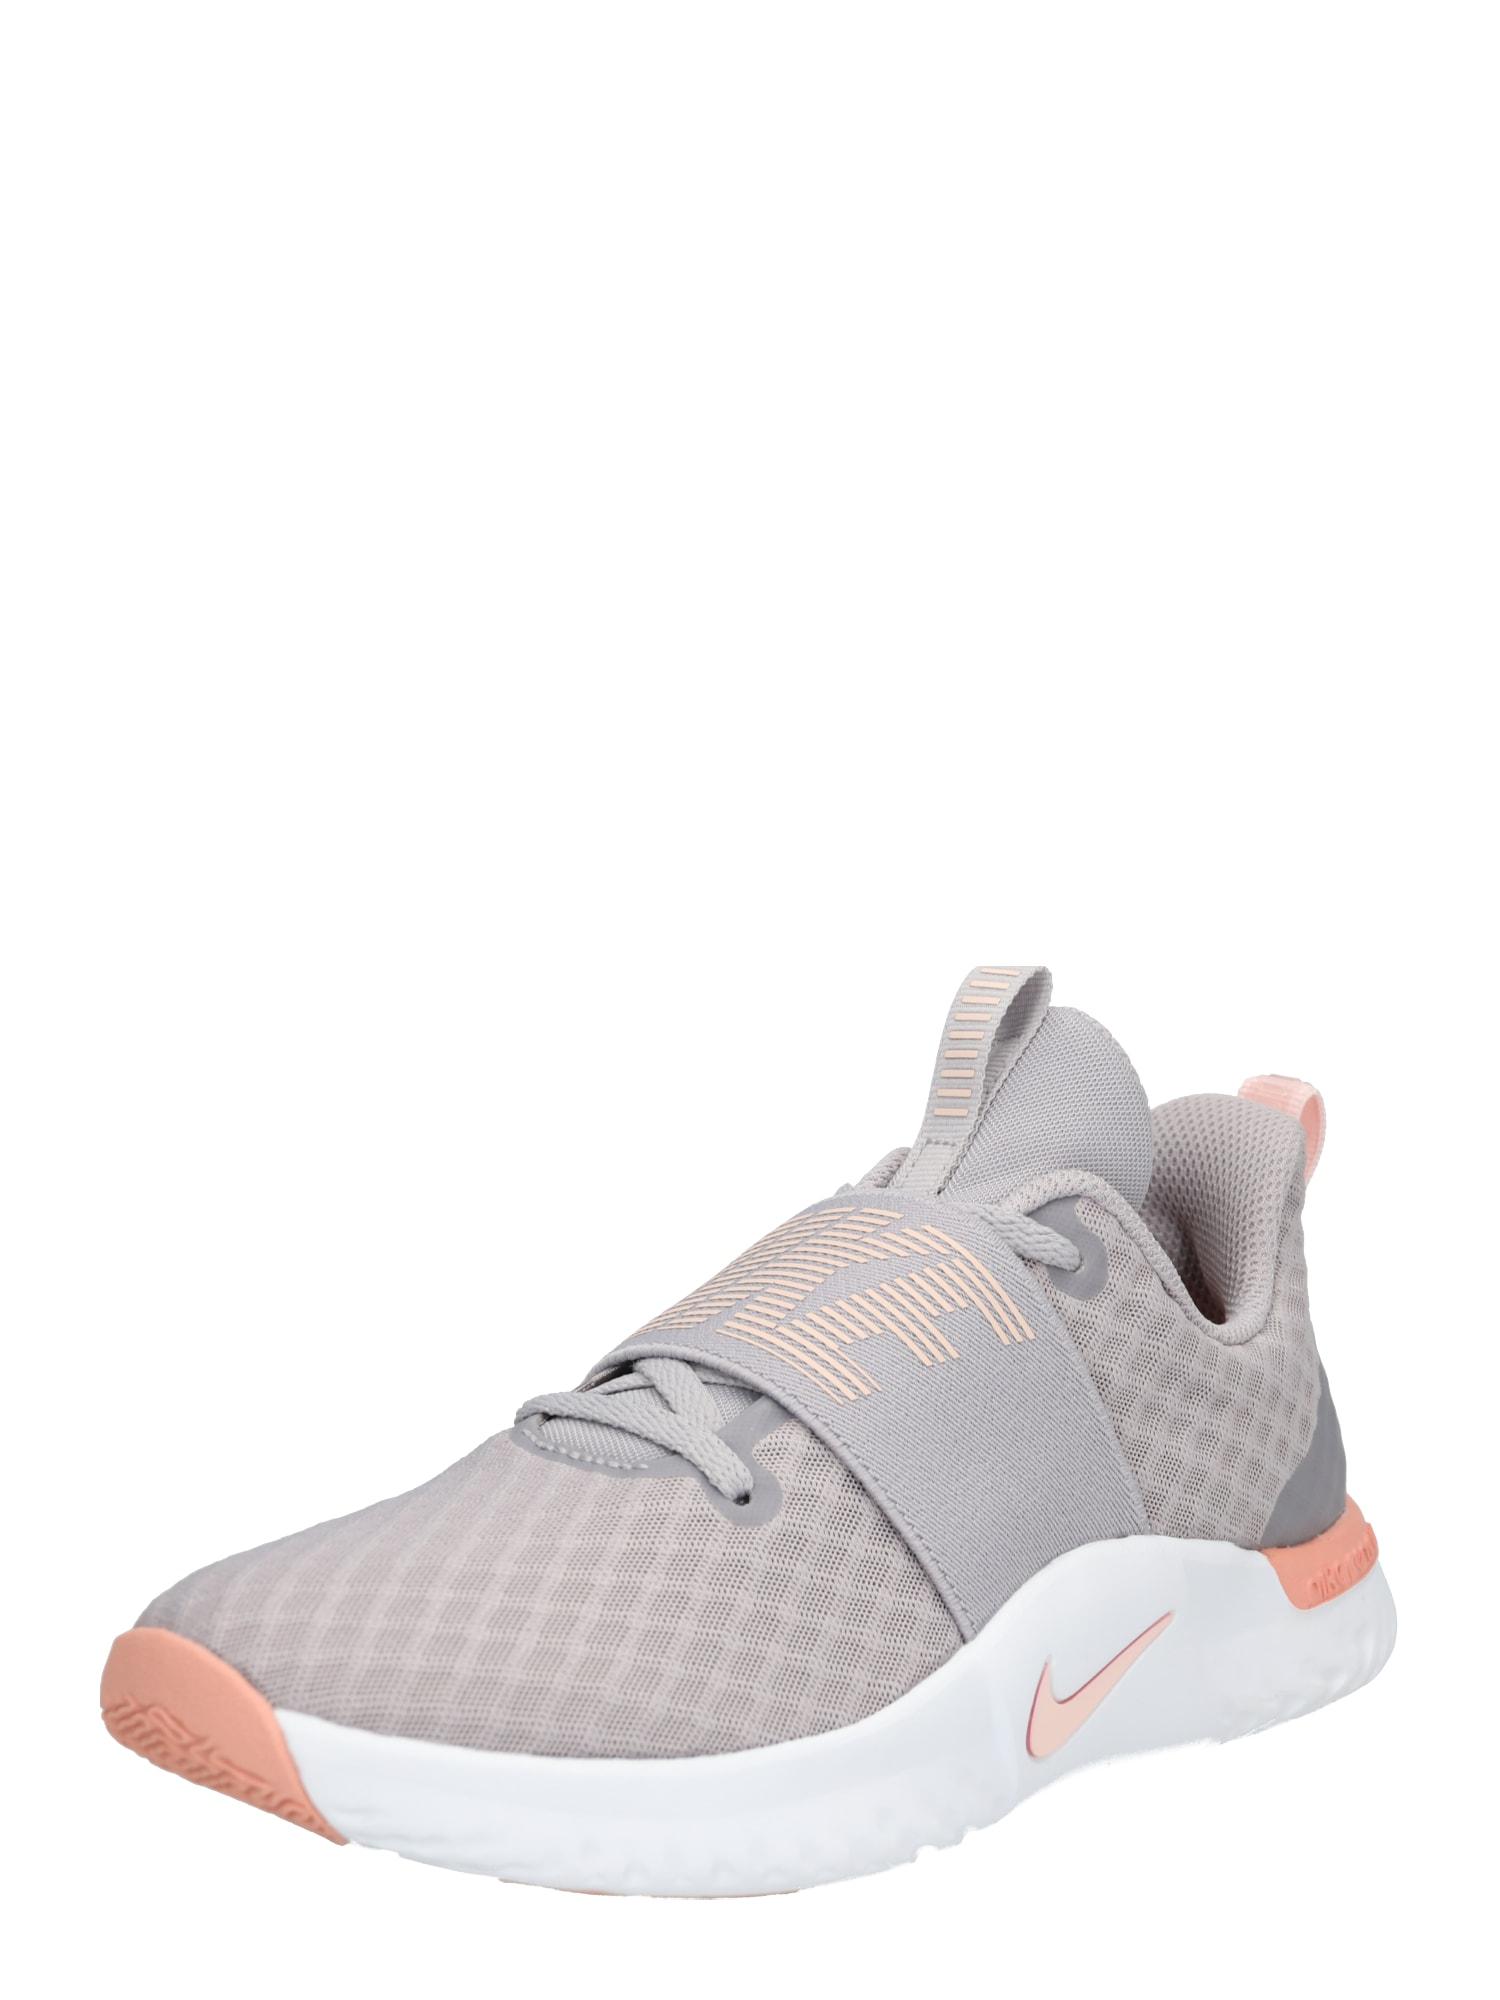 Sportovní boty Atmosphere šedá bílá NIKE